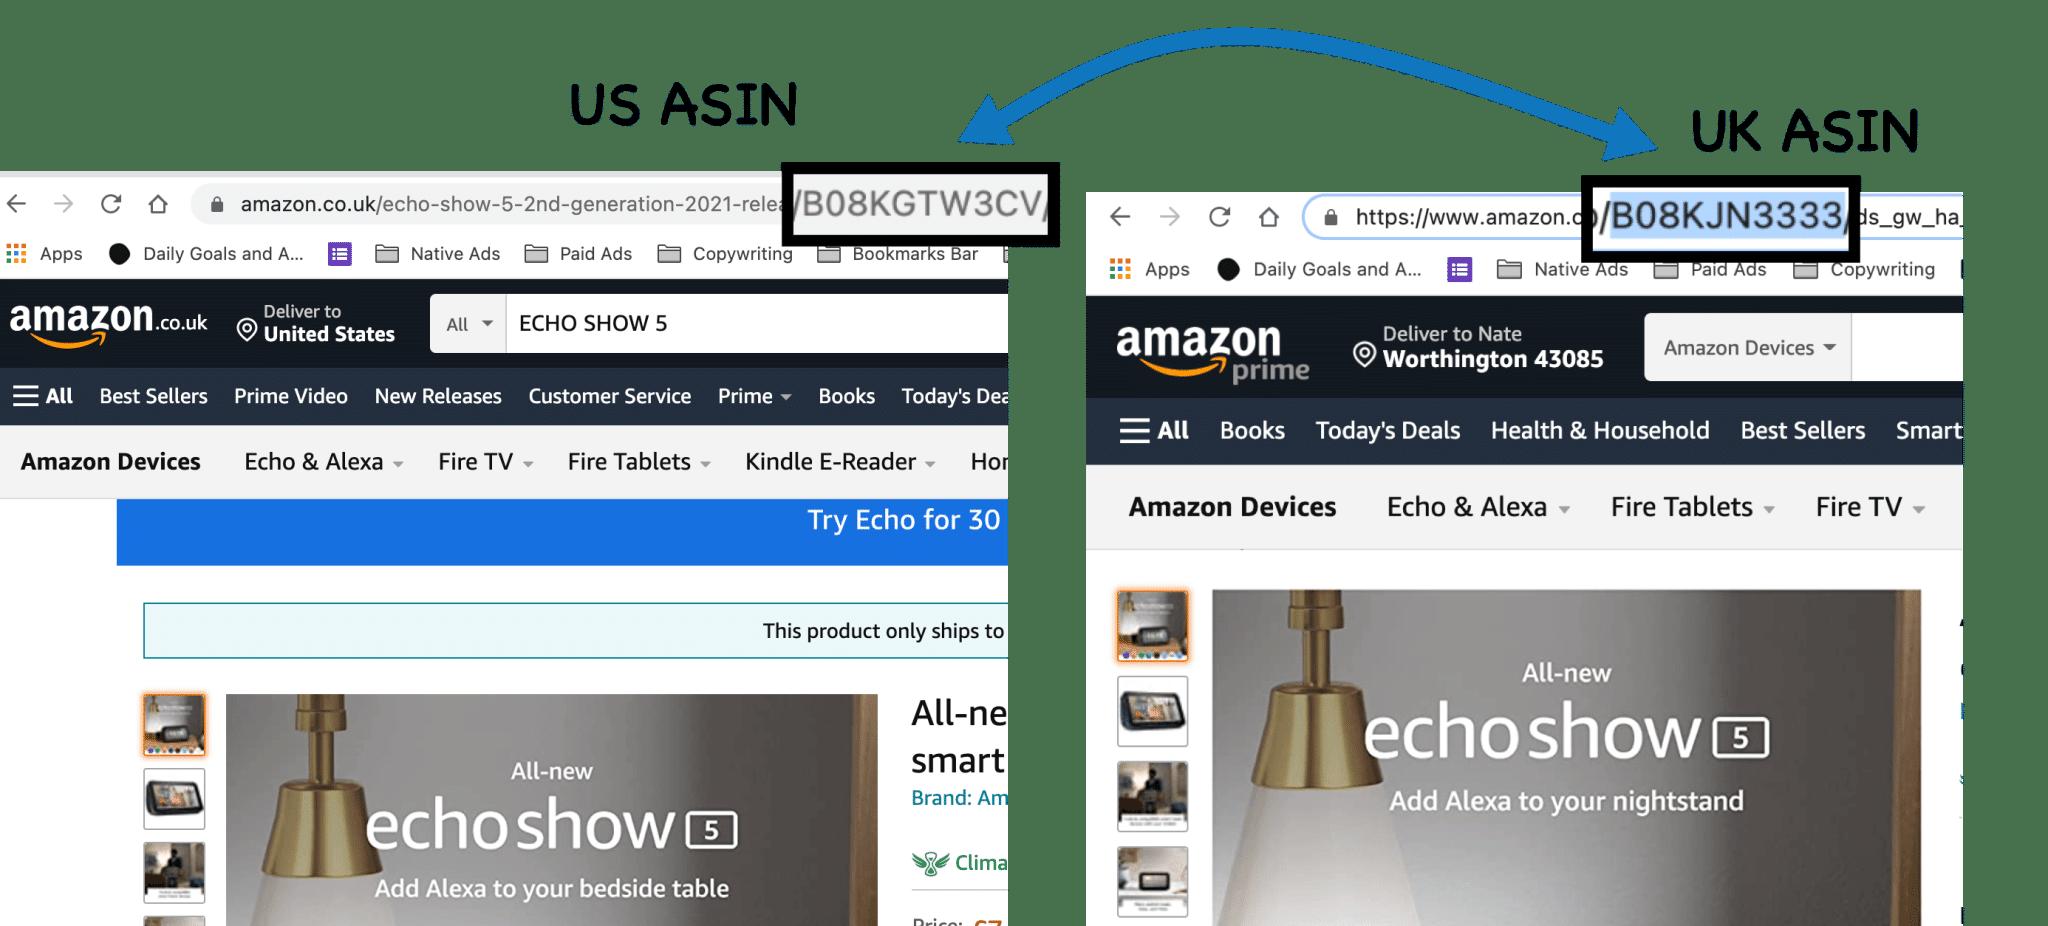 ASIN based on marketplace